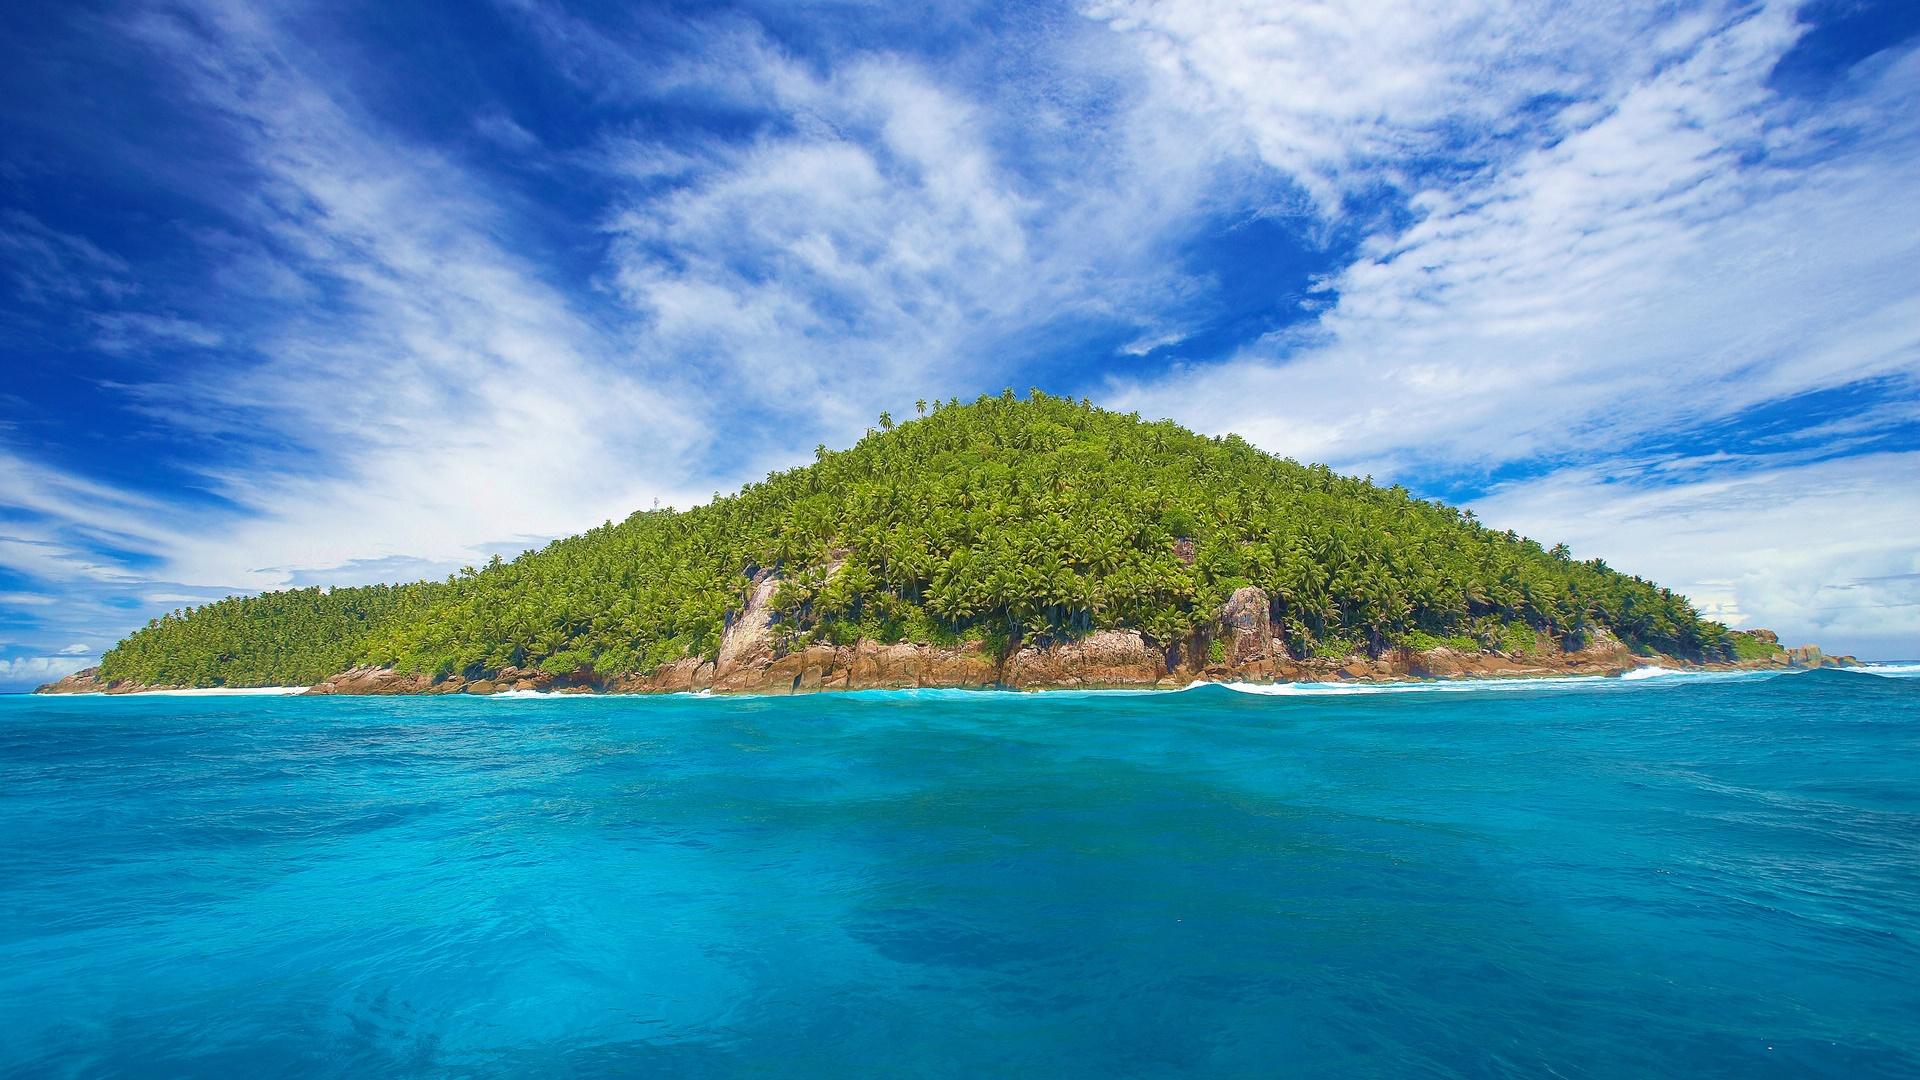 категория фото сейшельских островов на рабочий стол ваше желание